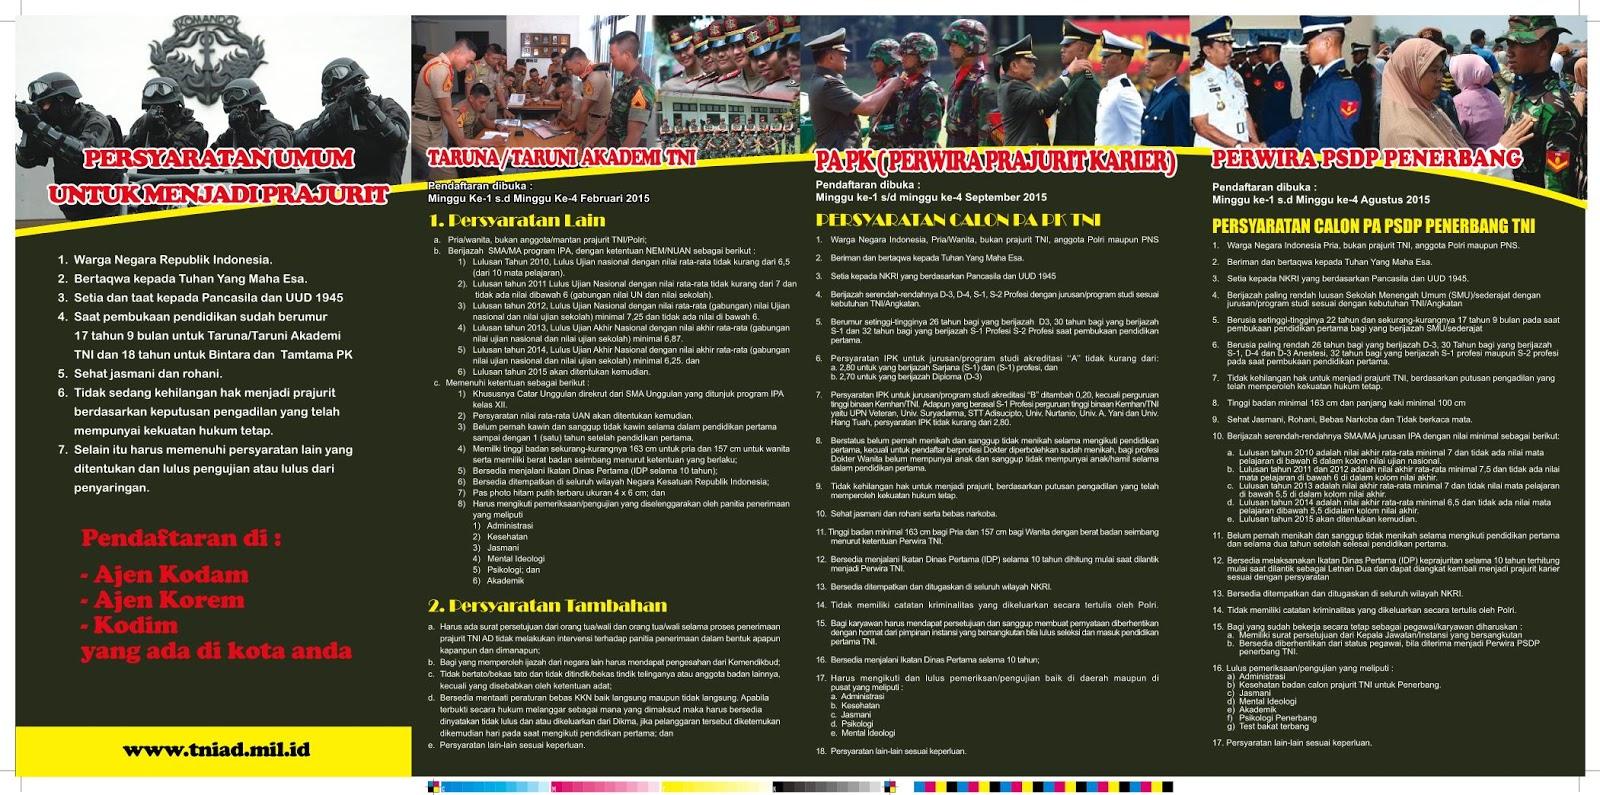 Update Terbaru Syarat Tinggi Badan Masuk TNI Berdasarkan Kesehatan